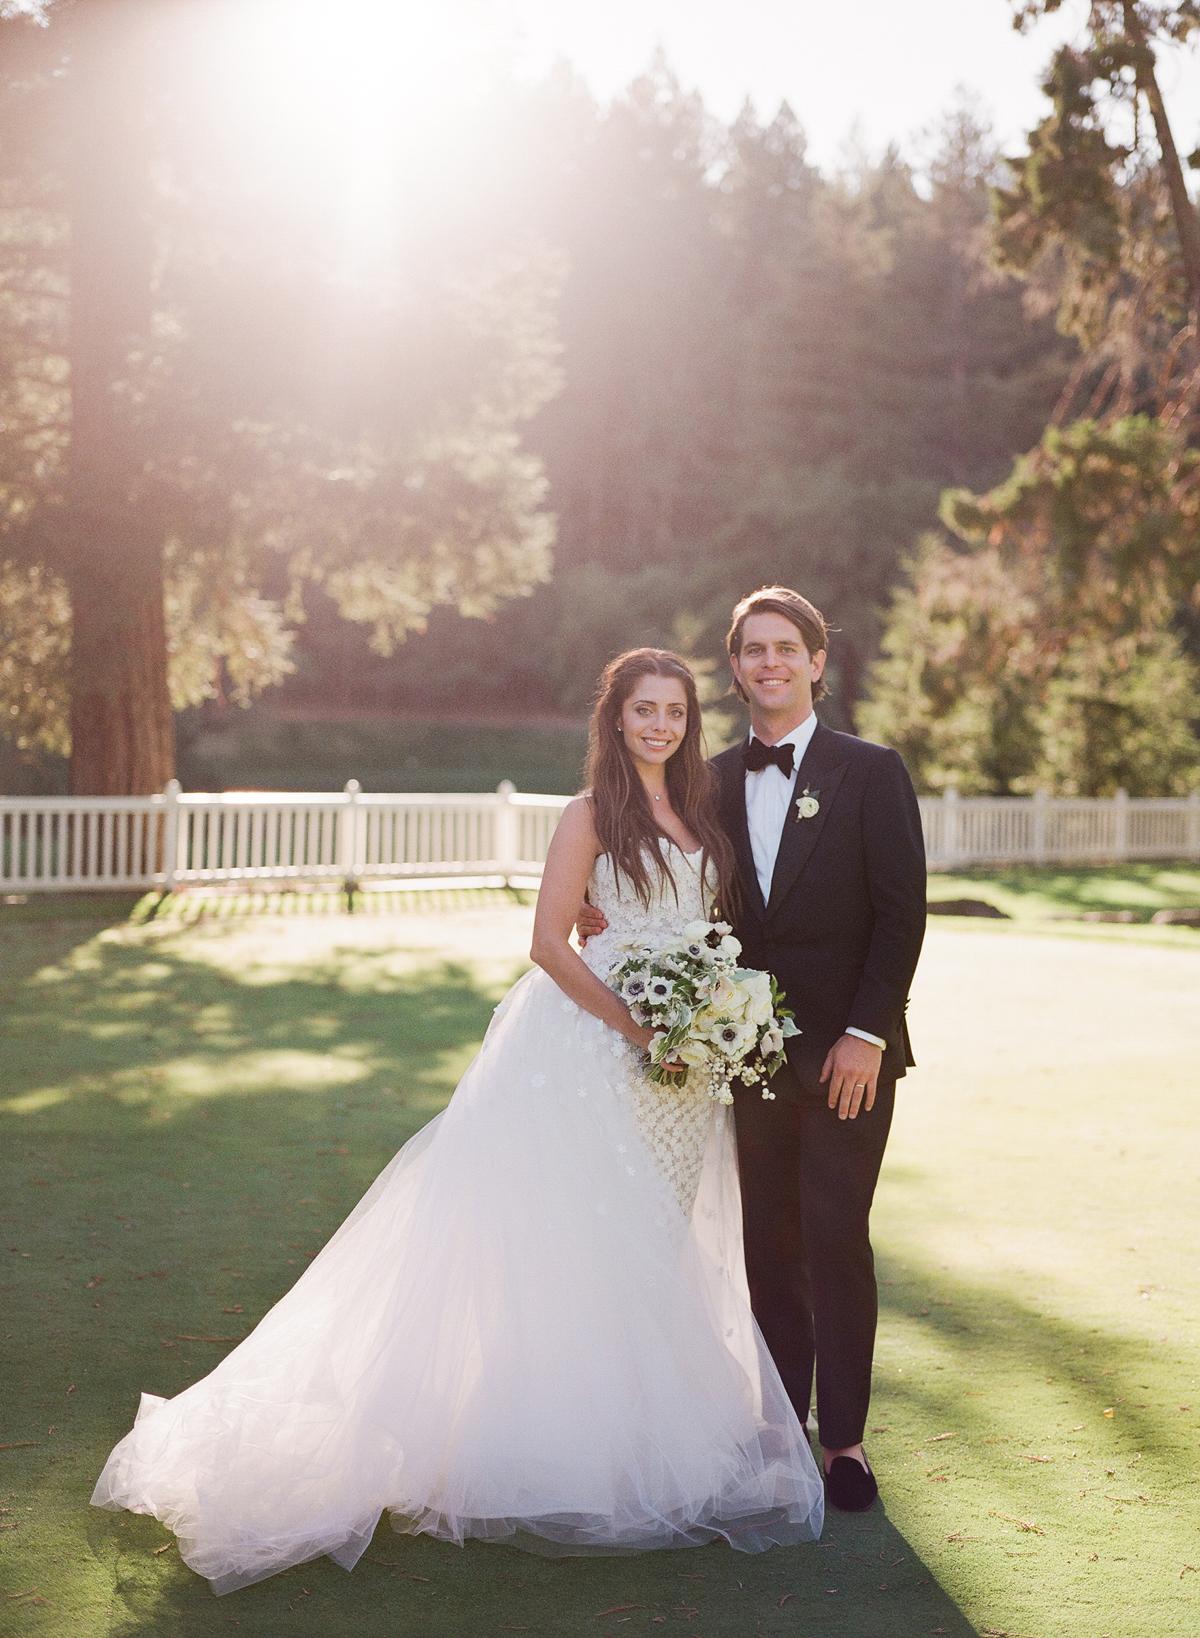 alessa andrew wedding couple smiling